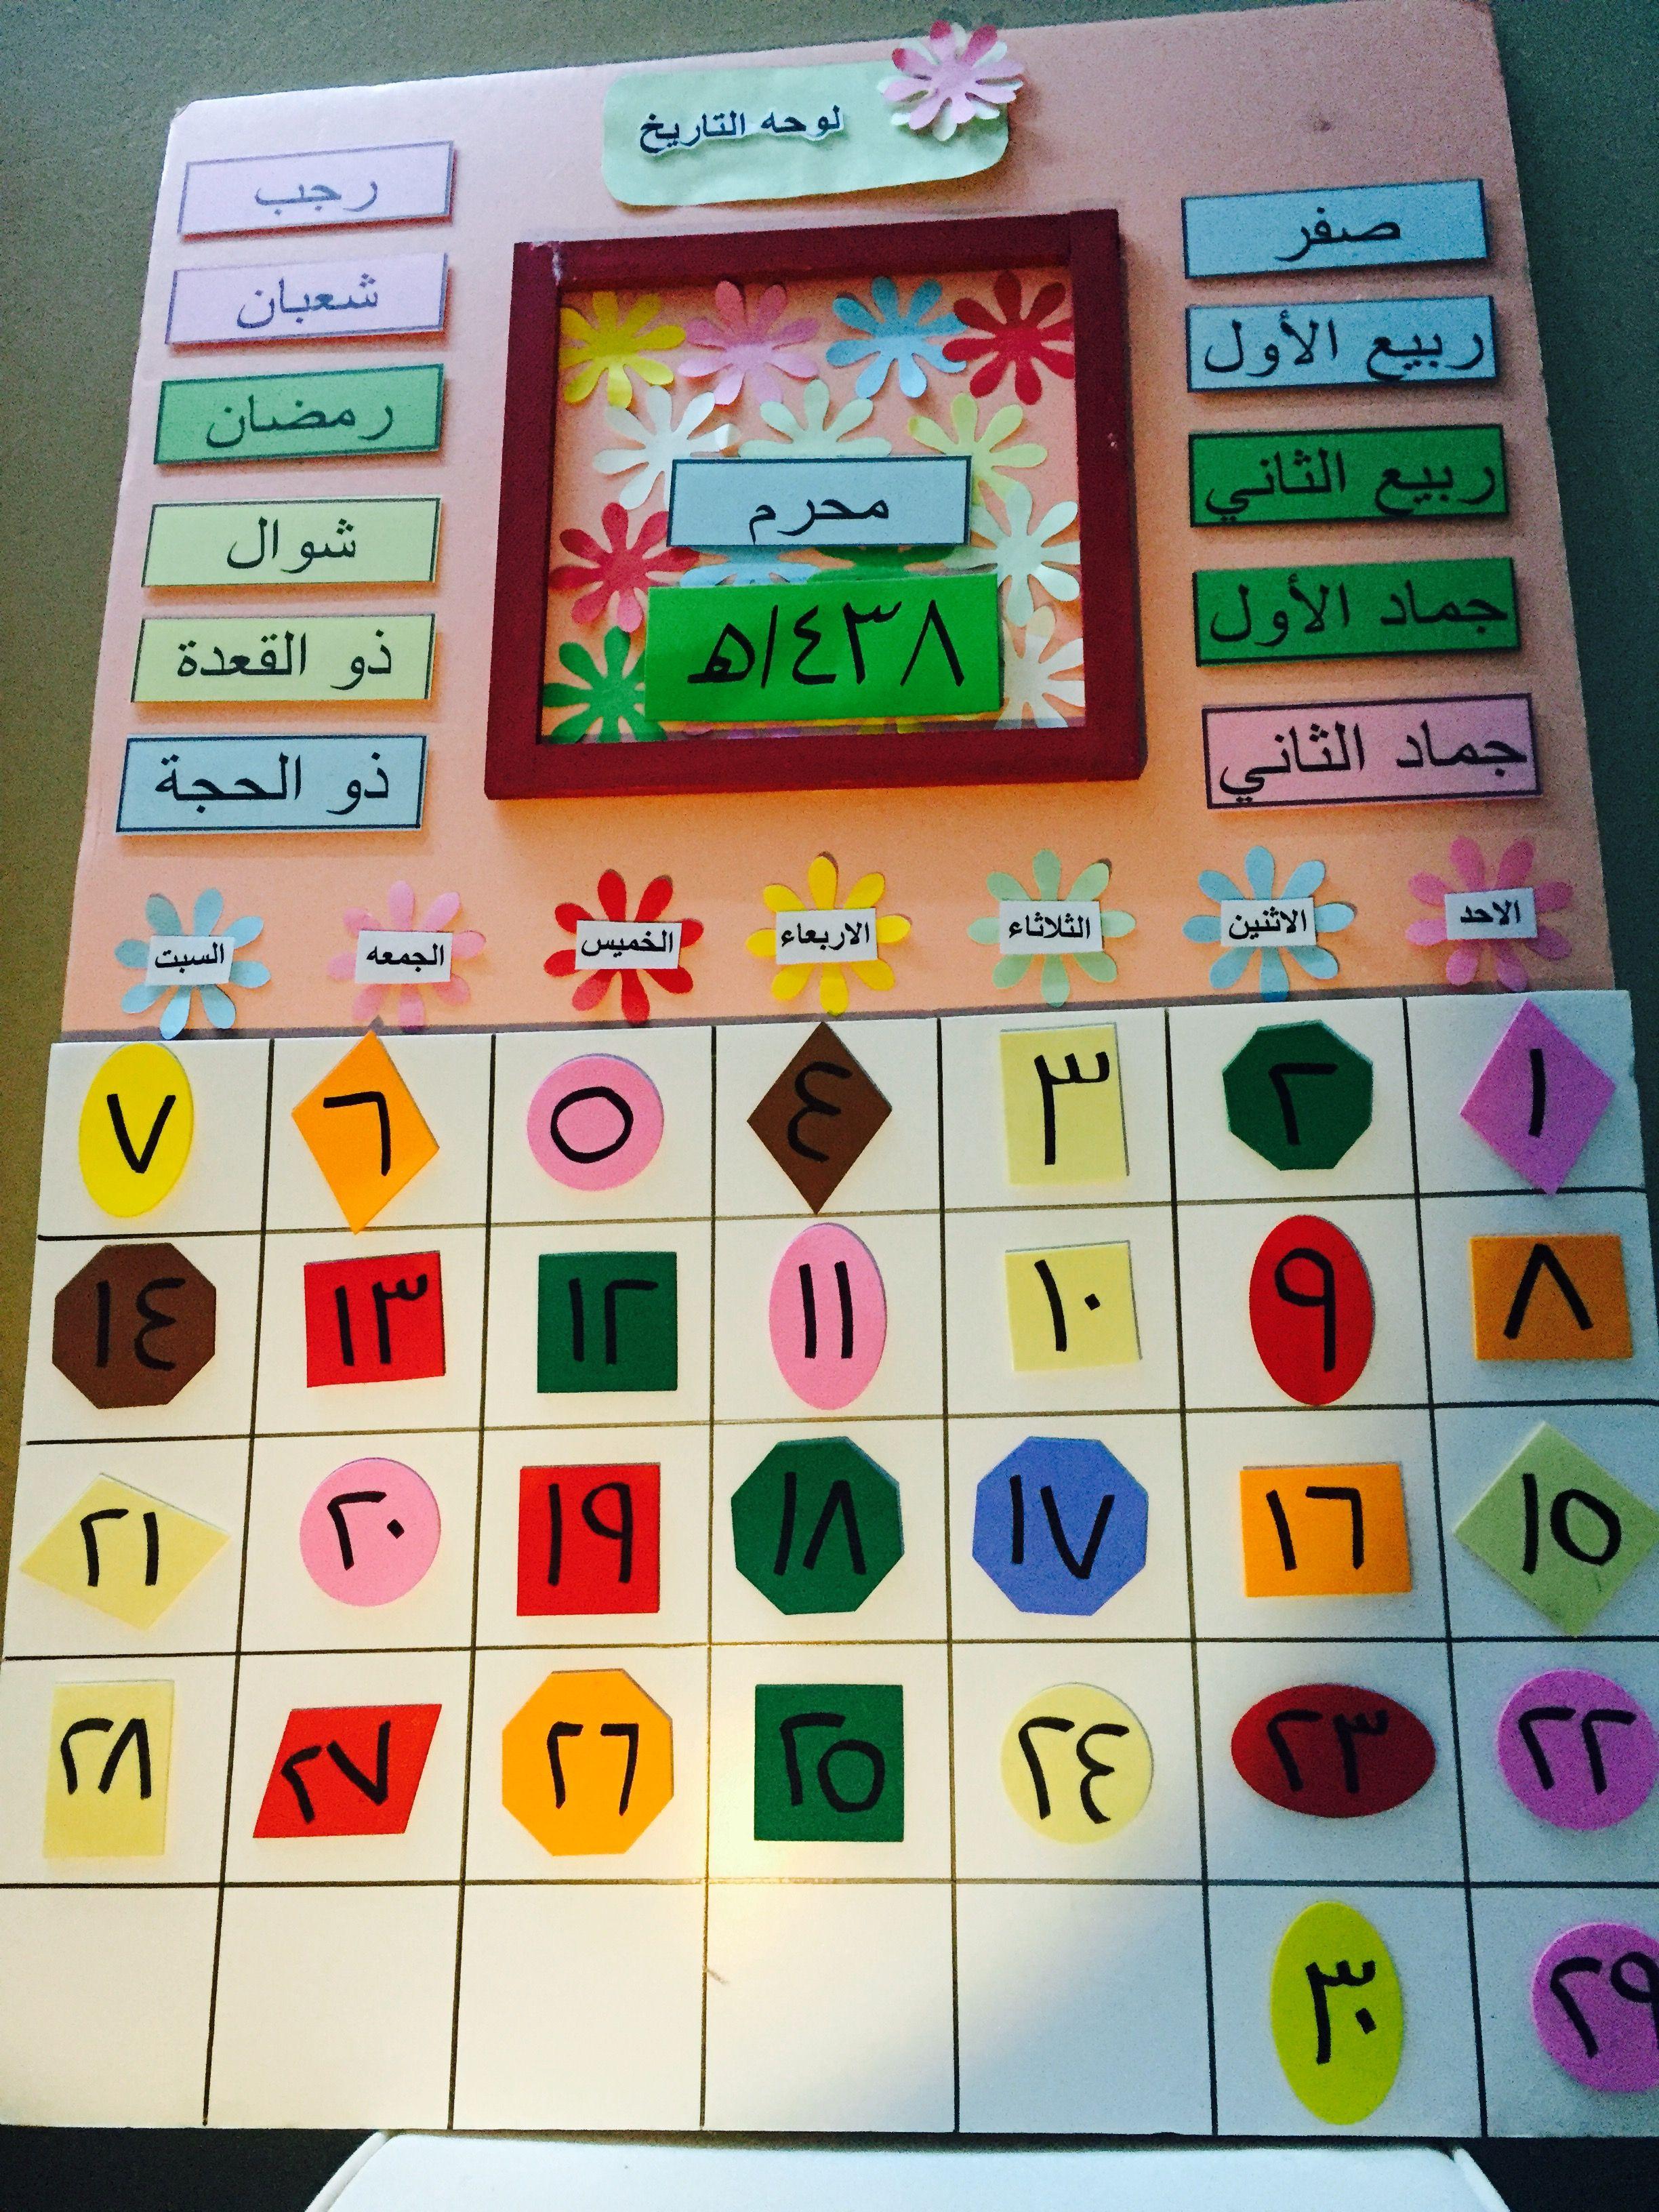 الهدف يكون الطفل قادر على أن يعدد أيام الأسبوع و يتعرف على أسمائها و يتعلم النطق الصحيح لأشهر السنة و يتعلم أيضا الأرقام ونطقها الصحيح ويتعلم طريق Games